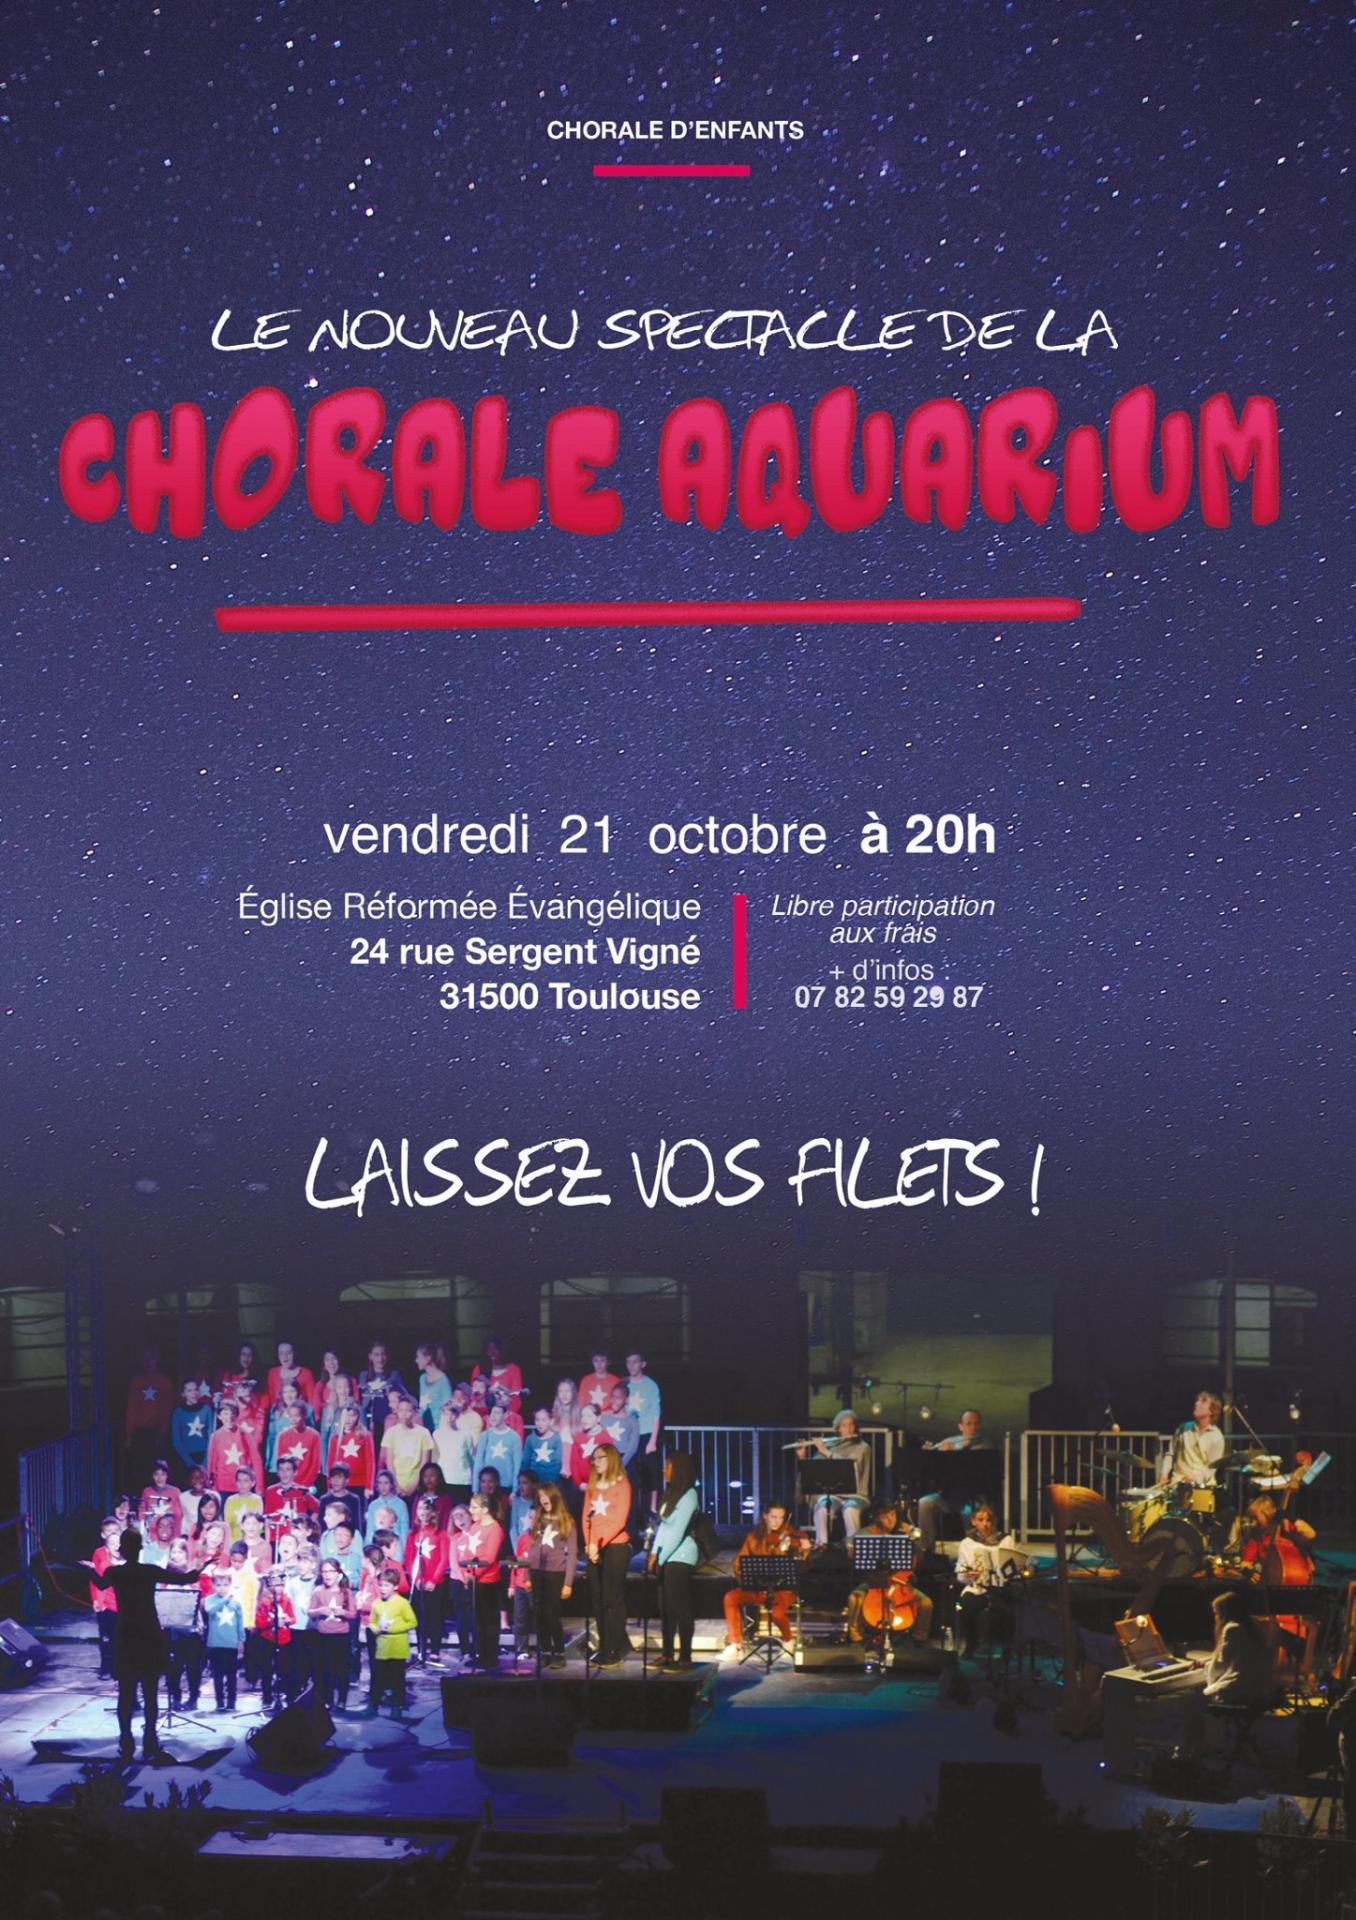 Chorale aquarium